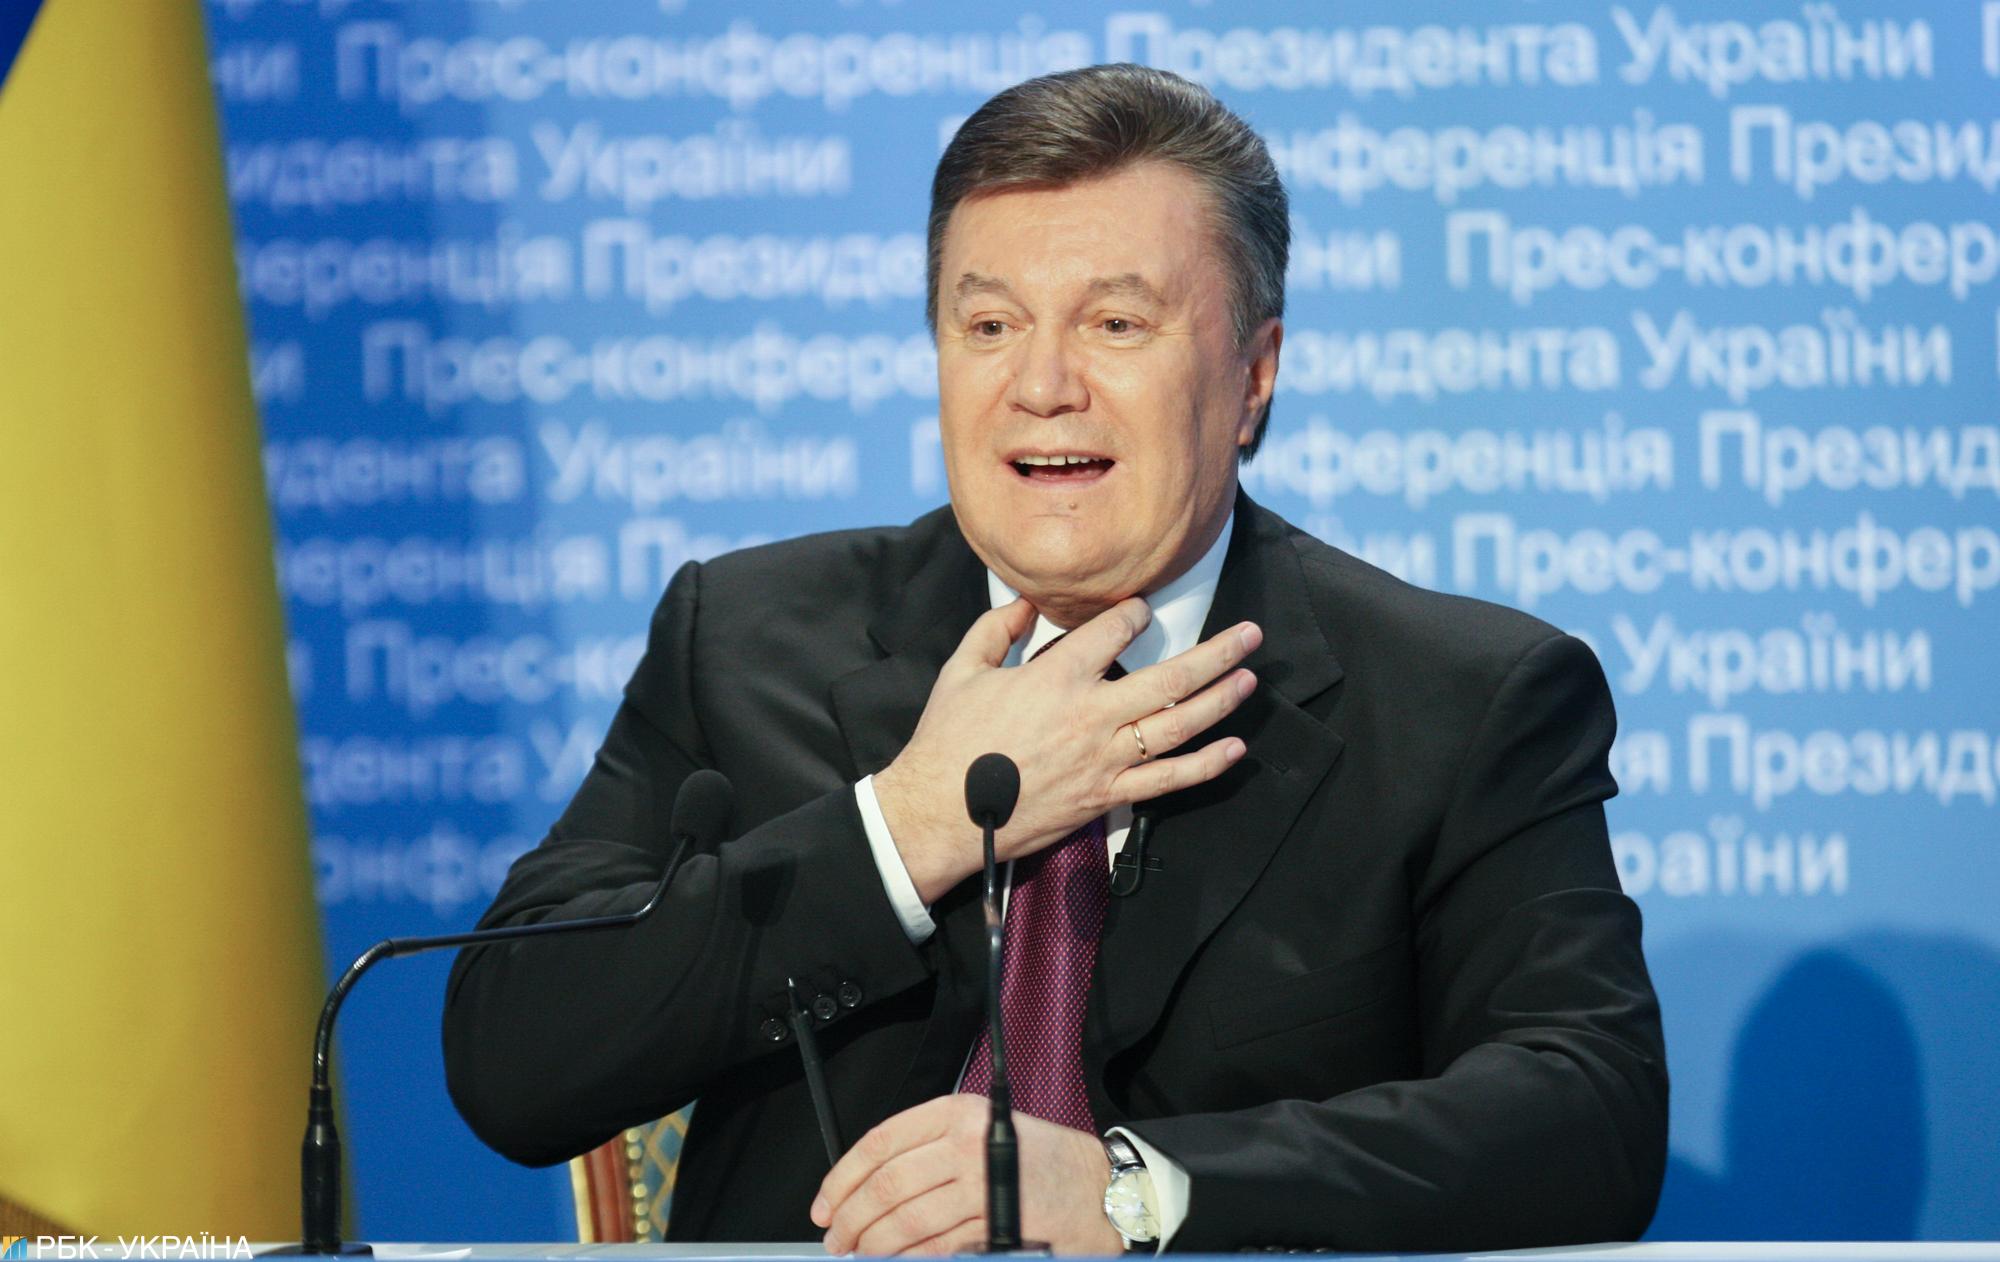 Время компенсаций: как власть решила изменить люстрацию в Украине